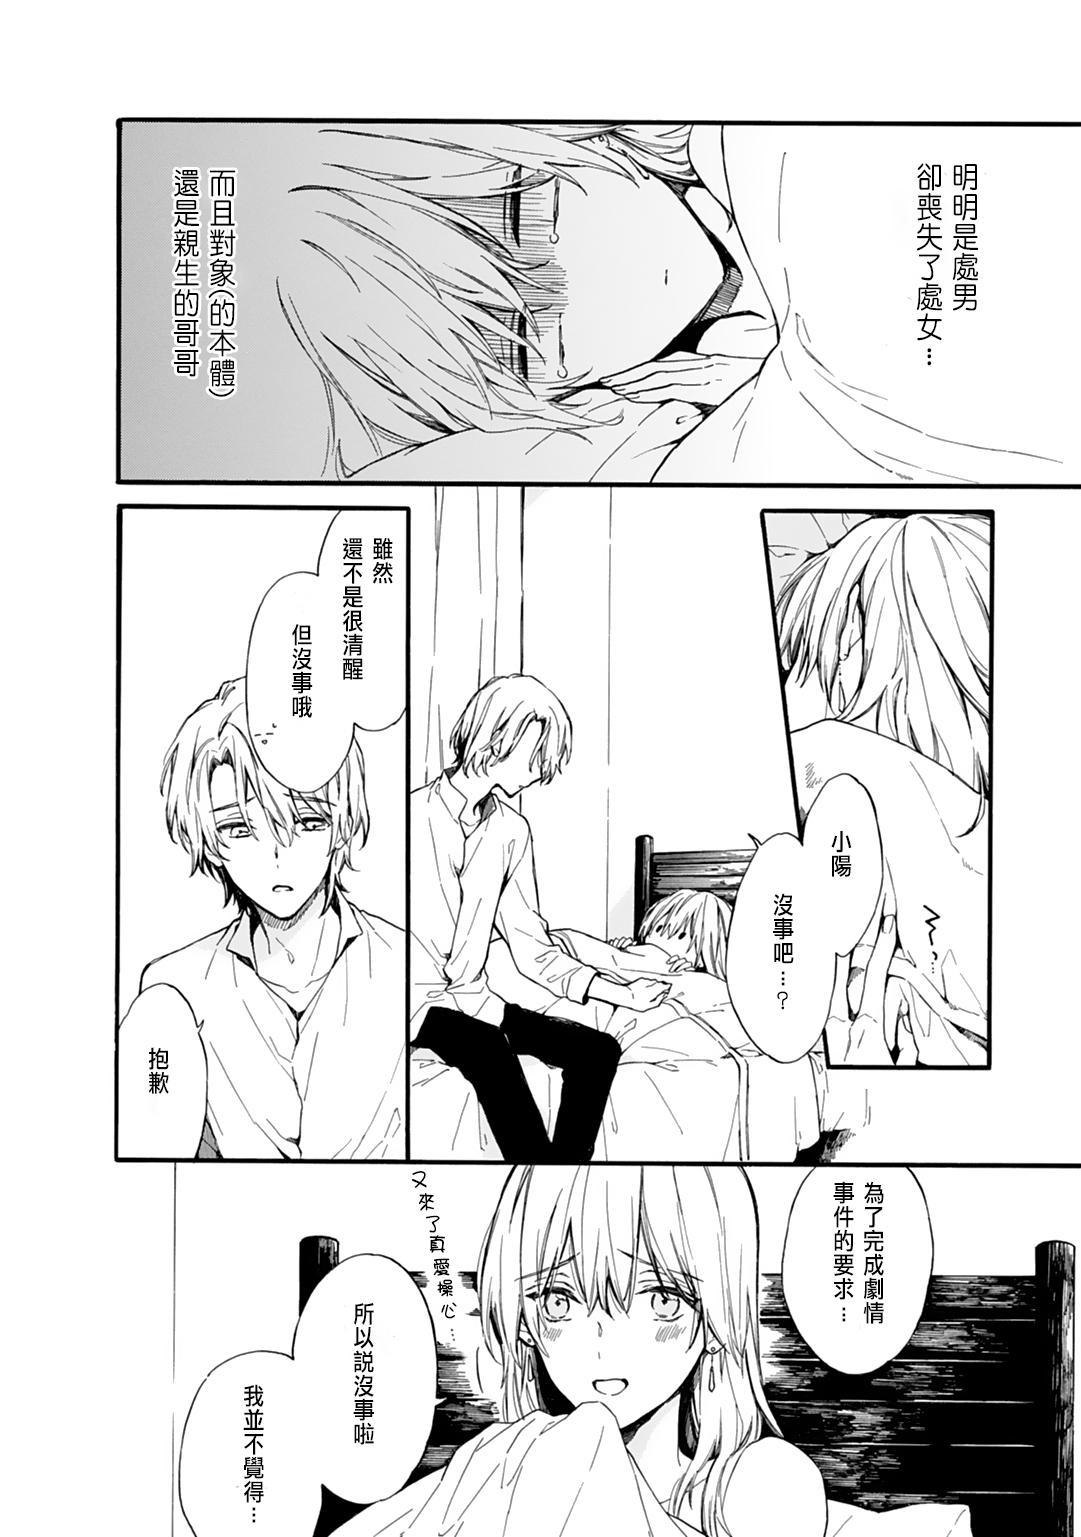 [Suzushiro Nerita] Otomege (18-kin) de Nyotaika shita Ore wa ~Clear Jouken wa Dekiai Ecchi!?~ 1-3 [Chinese] 27